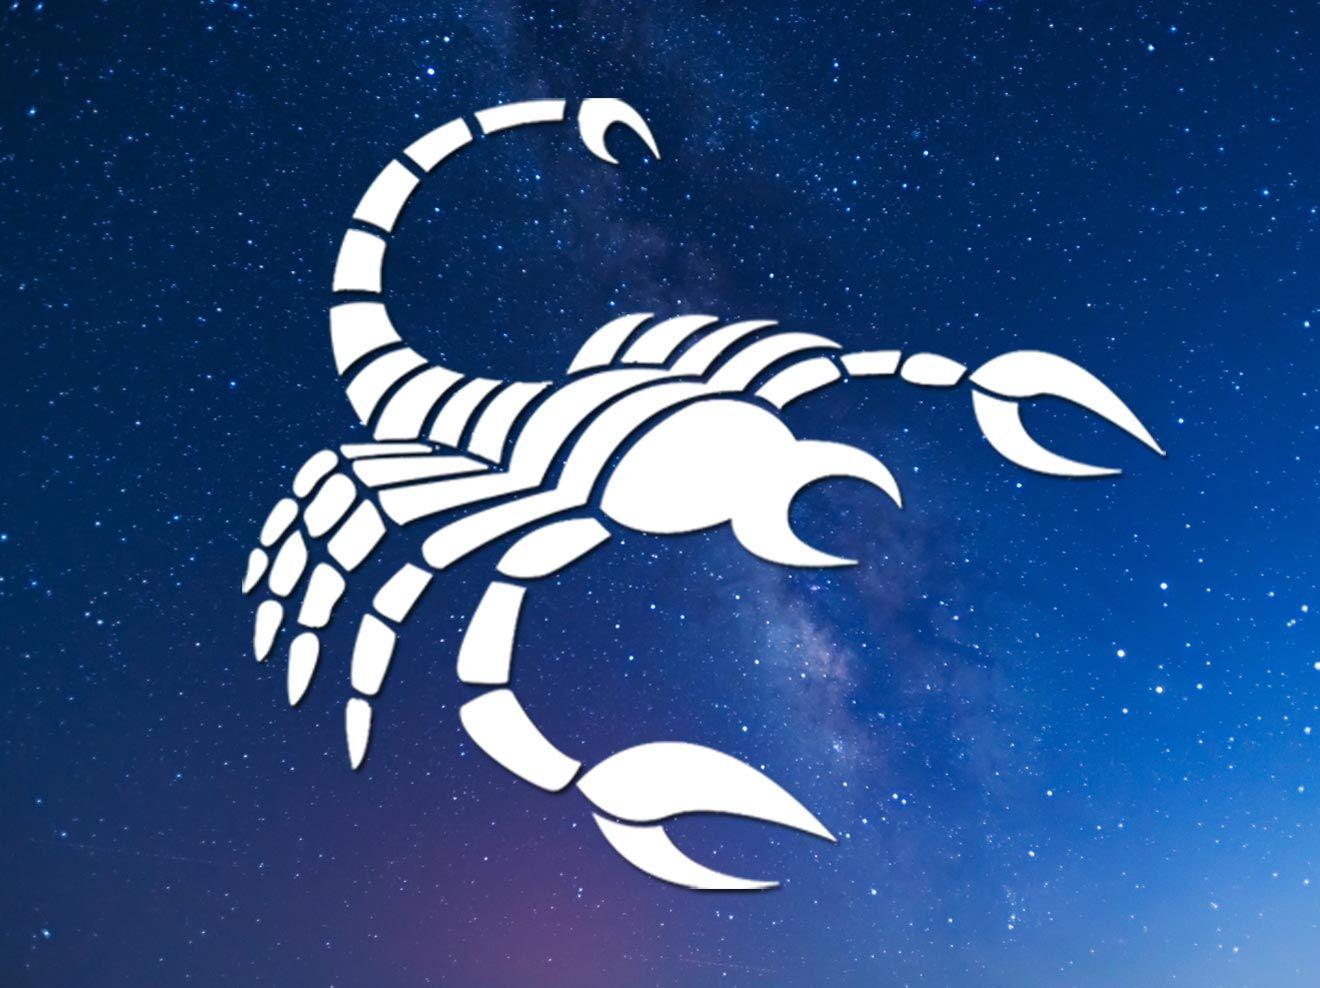 Das Jahreshoroskop 2019 für das Sternzeichen Skorpion